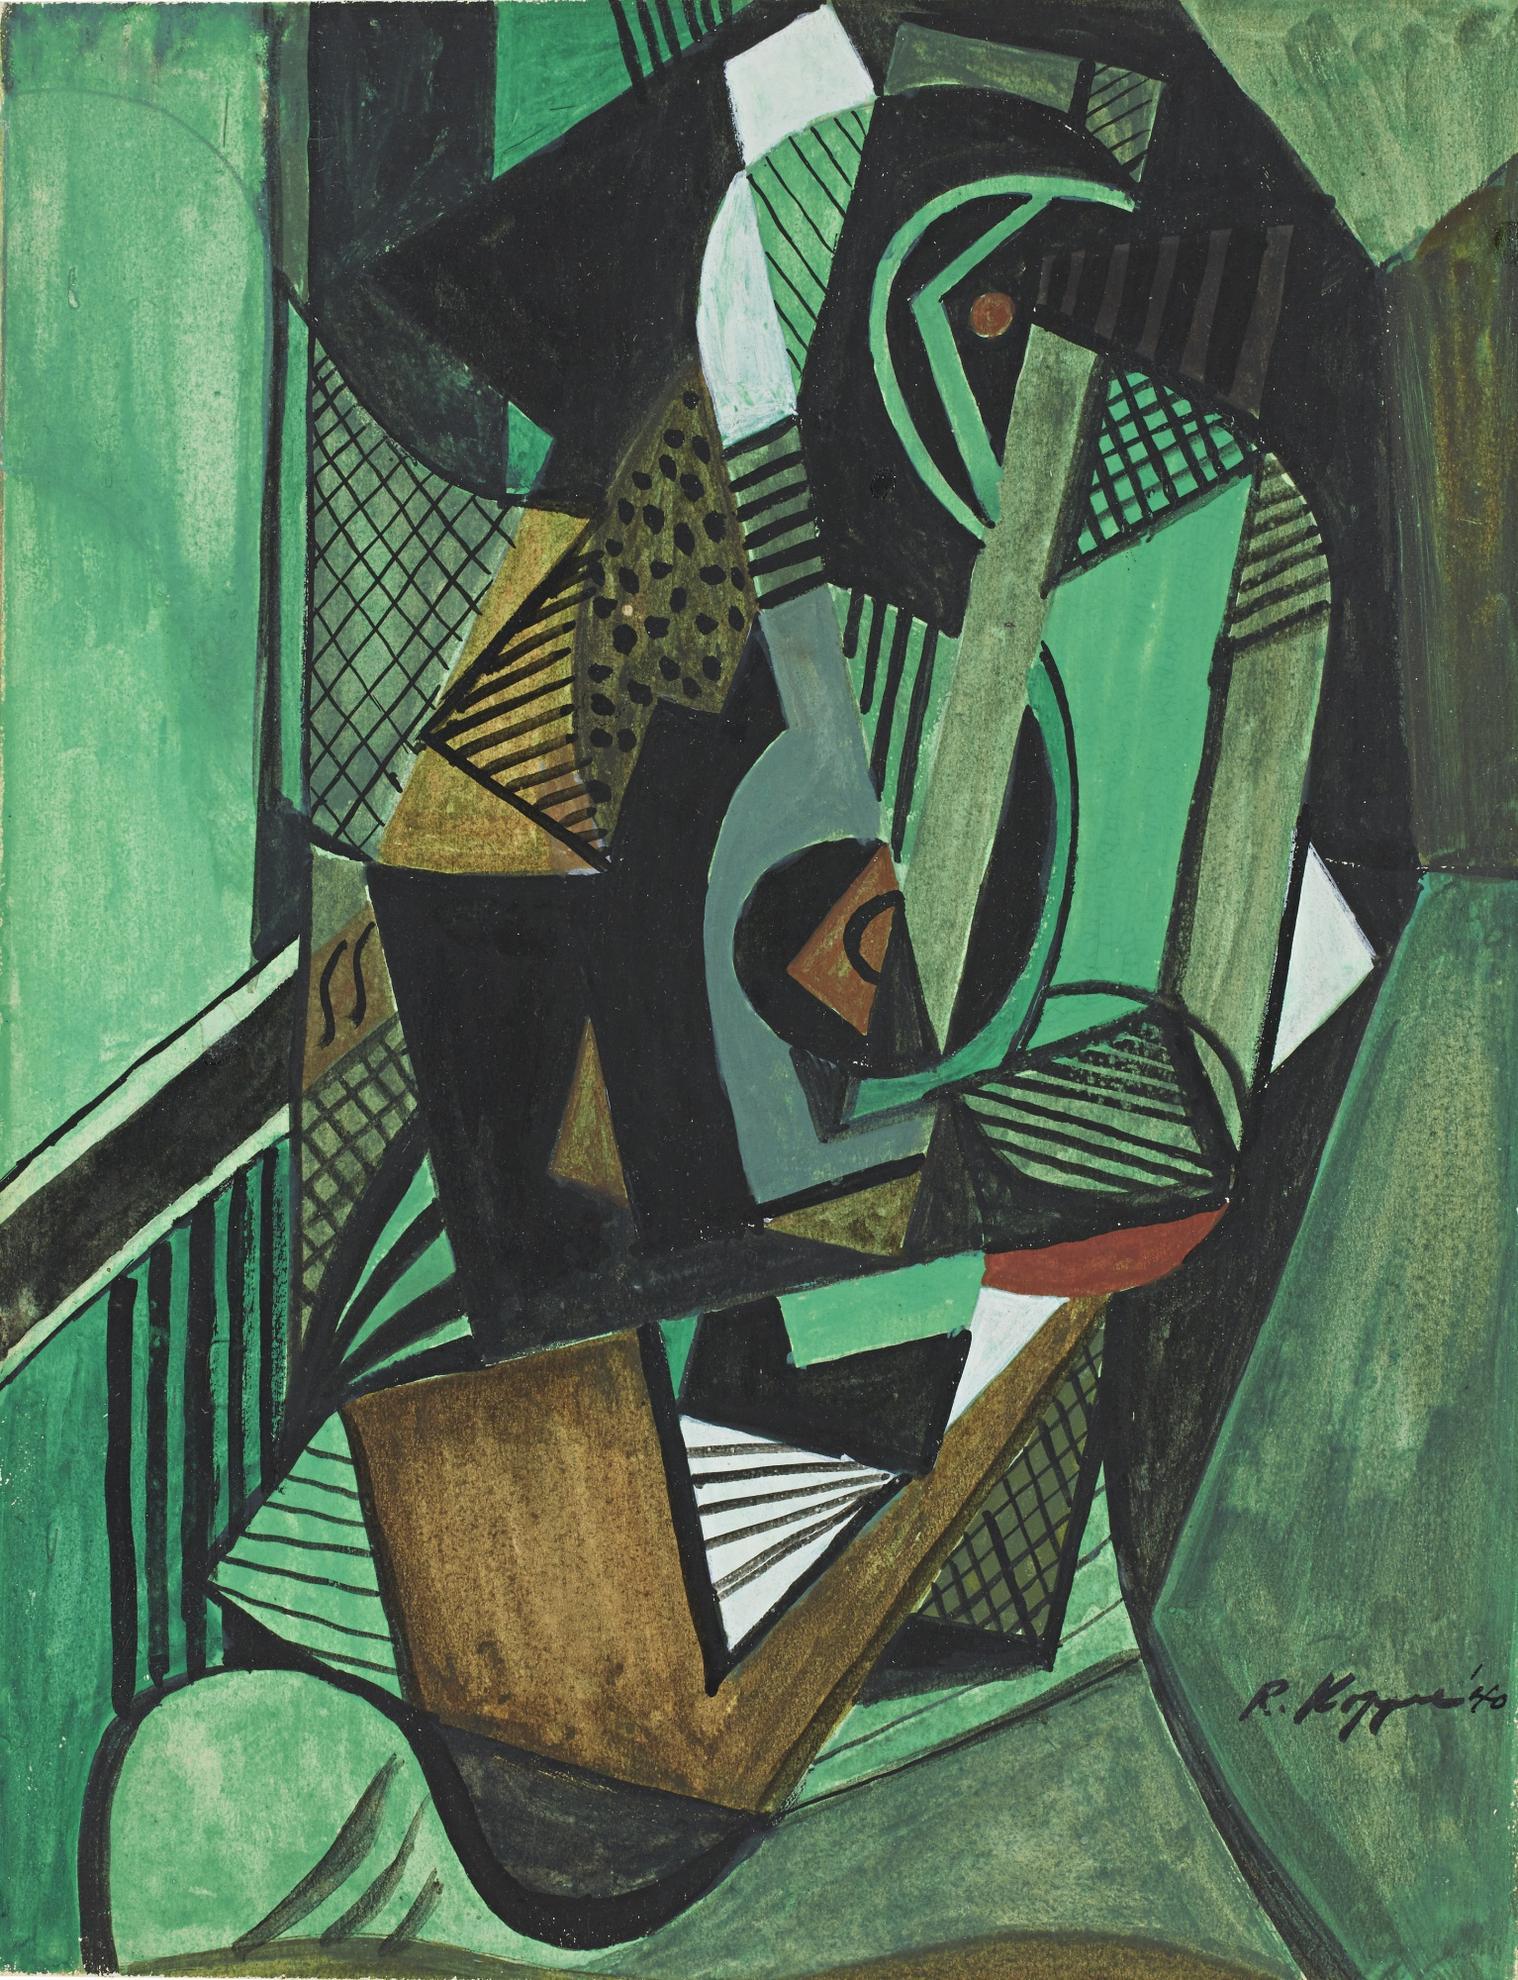 Richard Koppe - Untitled-1940